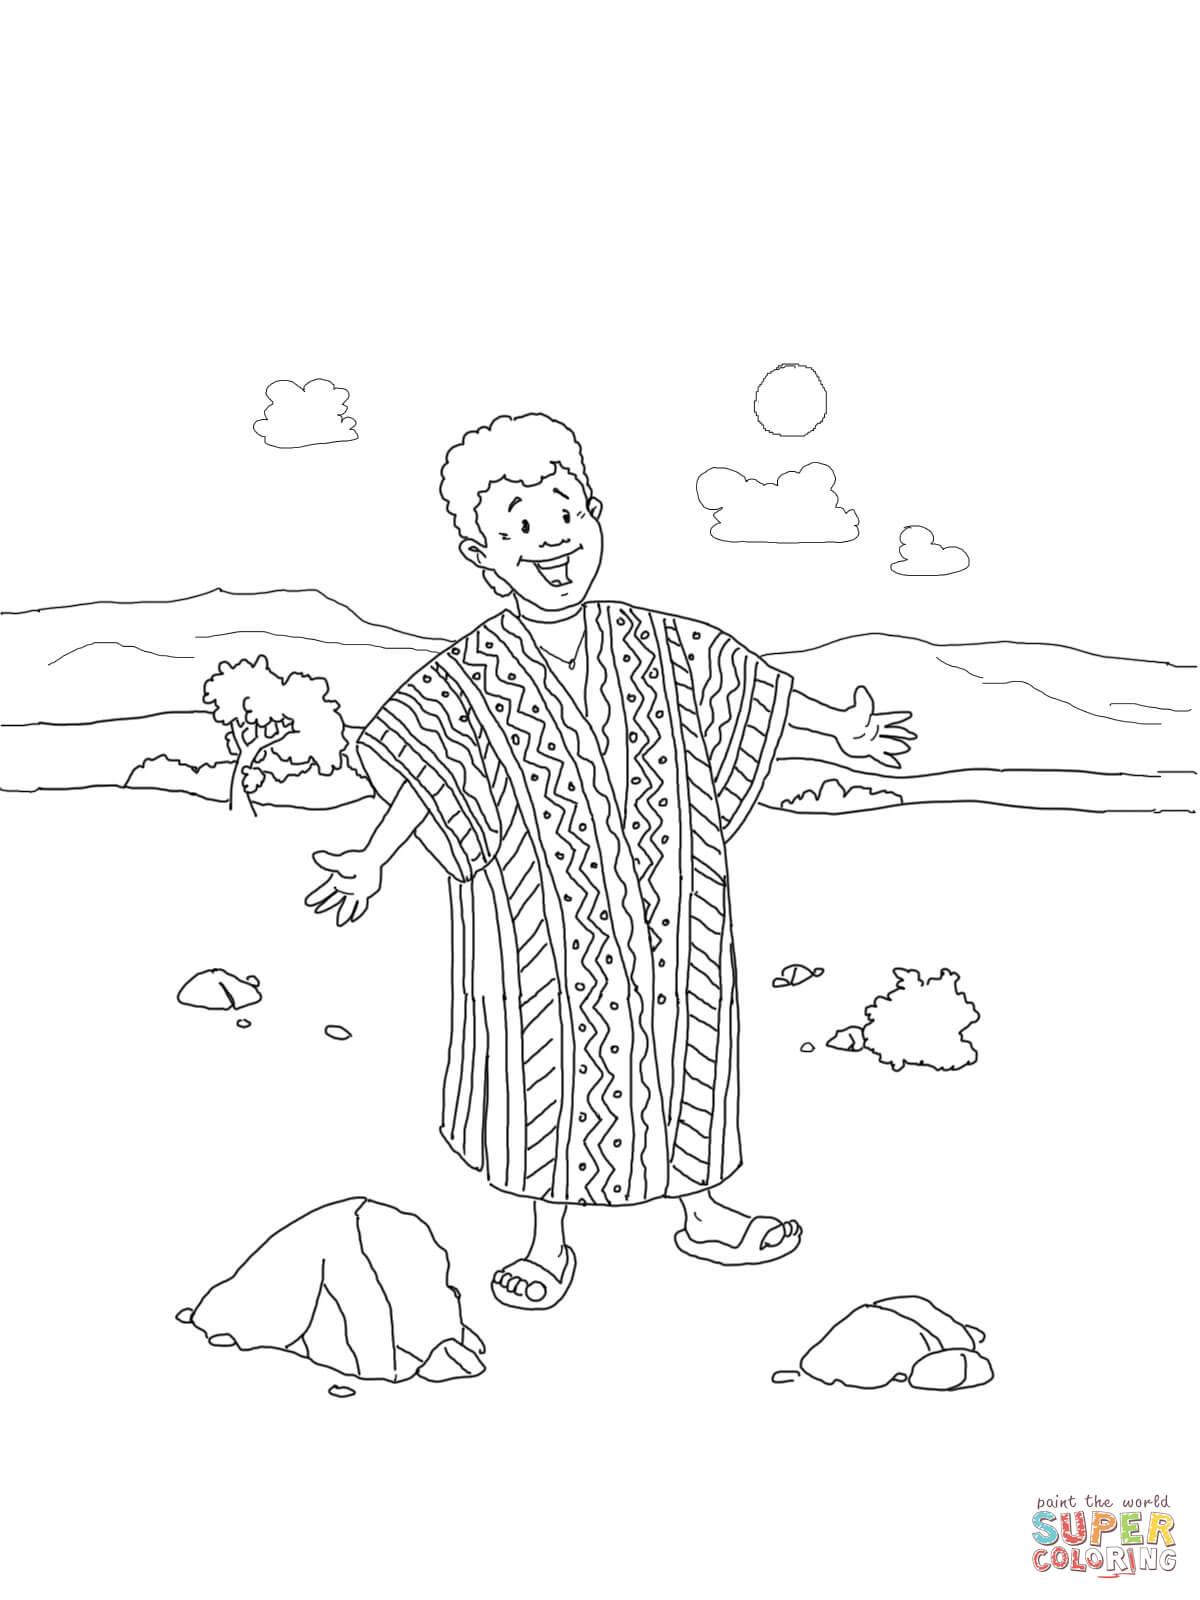 Ausmalbild Josef und sein bunter Mantel Ausmalbilder